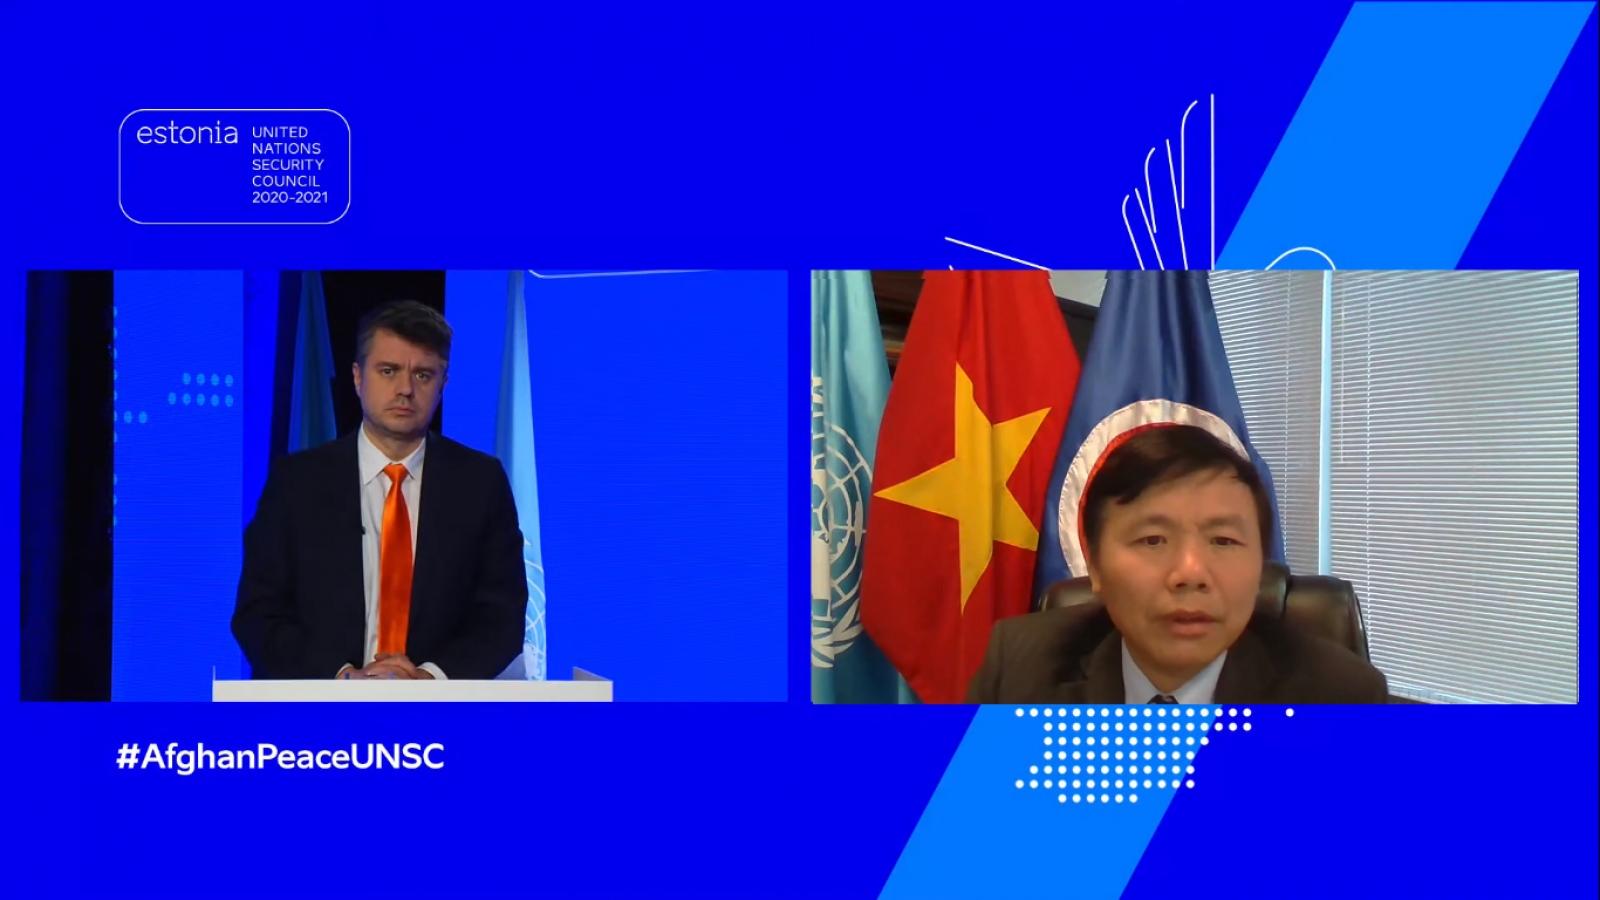 Việt Nam tái khẳng định ủng hộ tiến trình hòa bình do người Afghanistan dẫn dắt và làm chủ